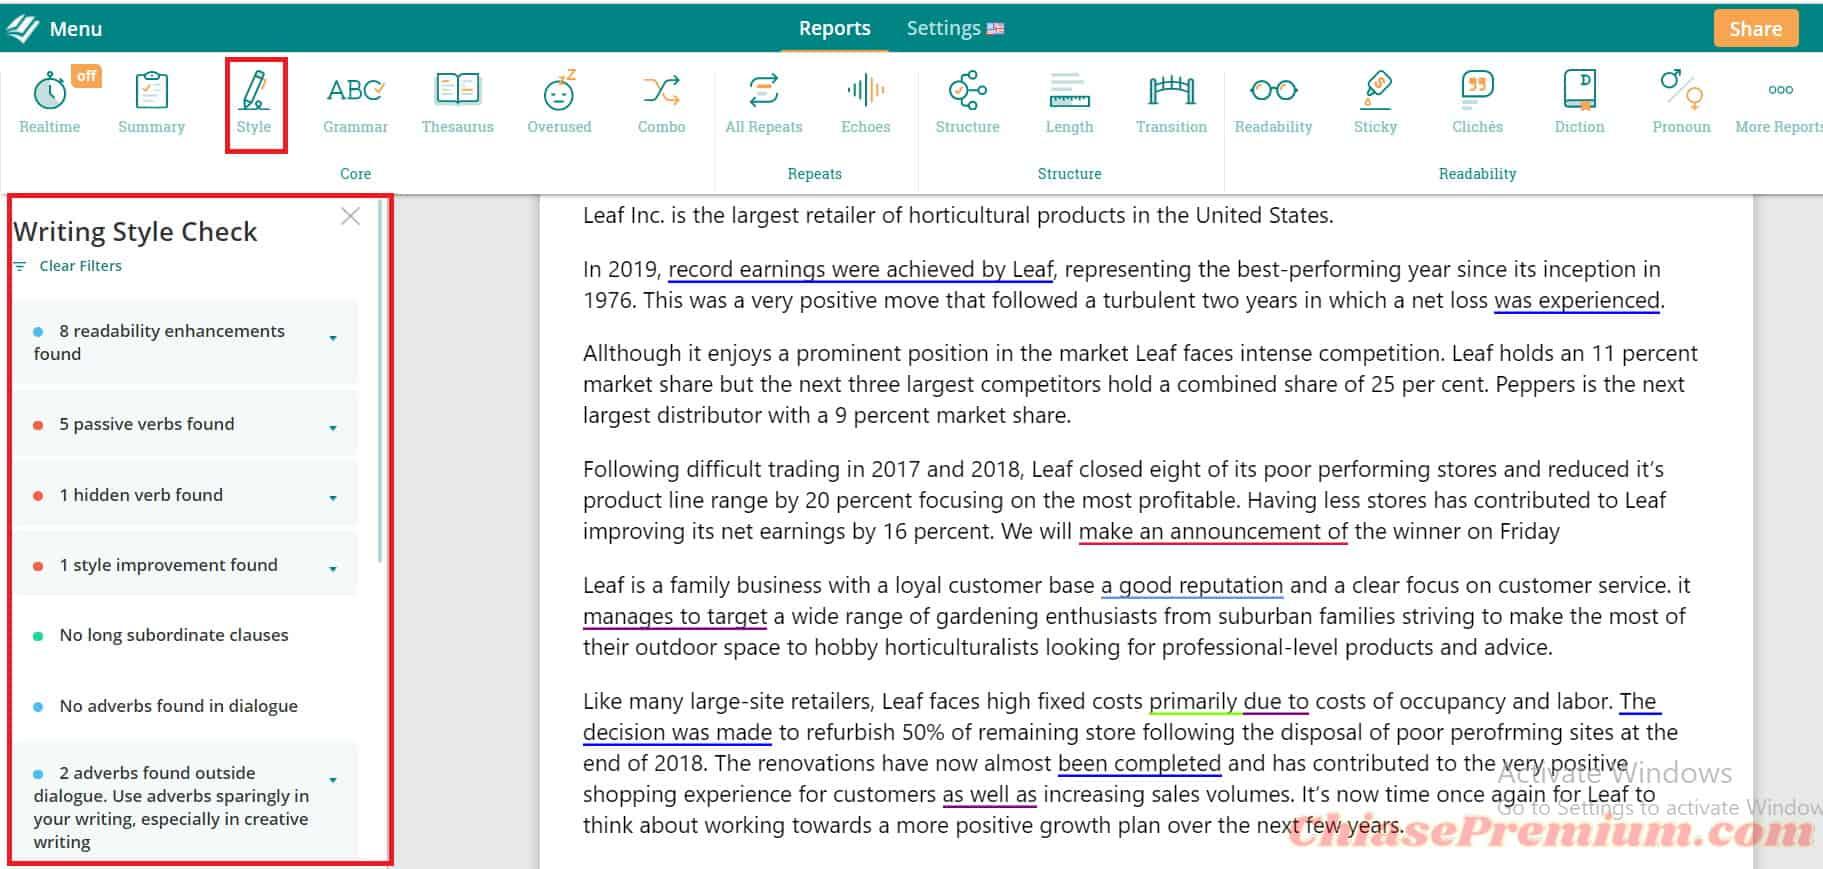 Báo cáo Style giúp định hình phong cách viết của bạn